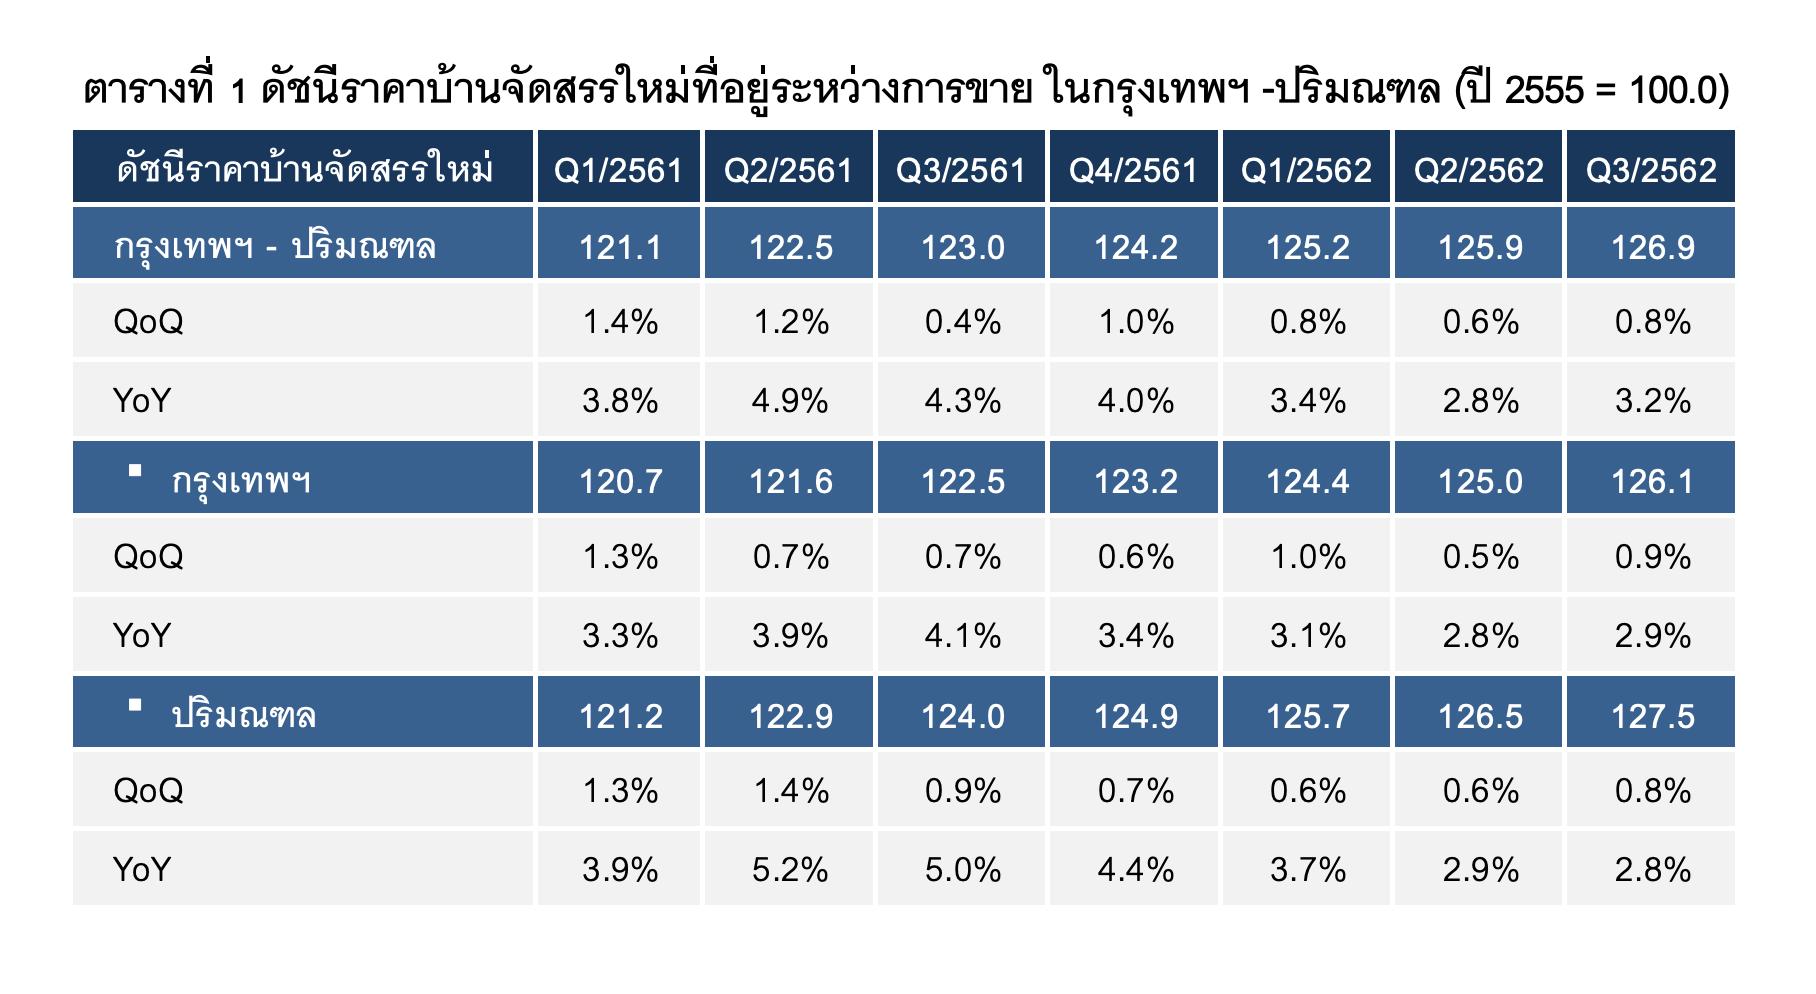 Home Price Index Q3 2019